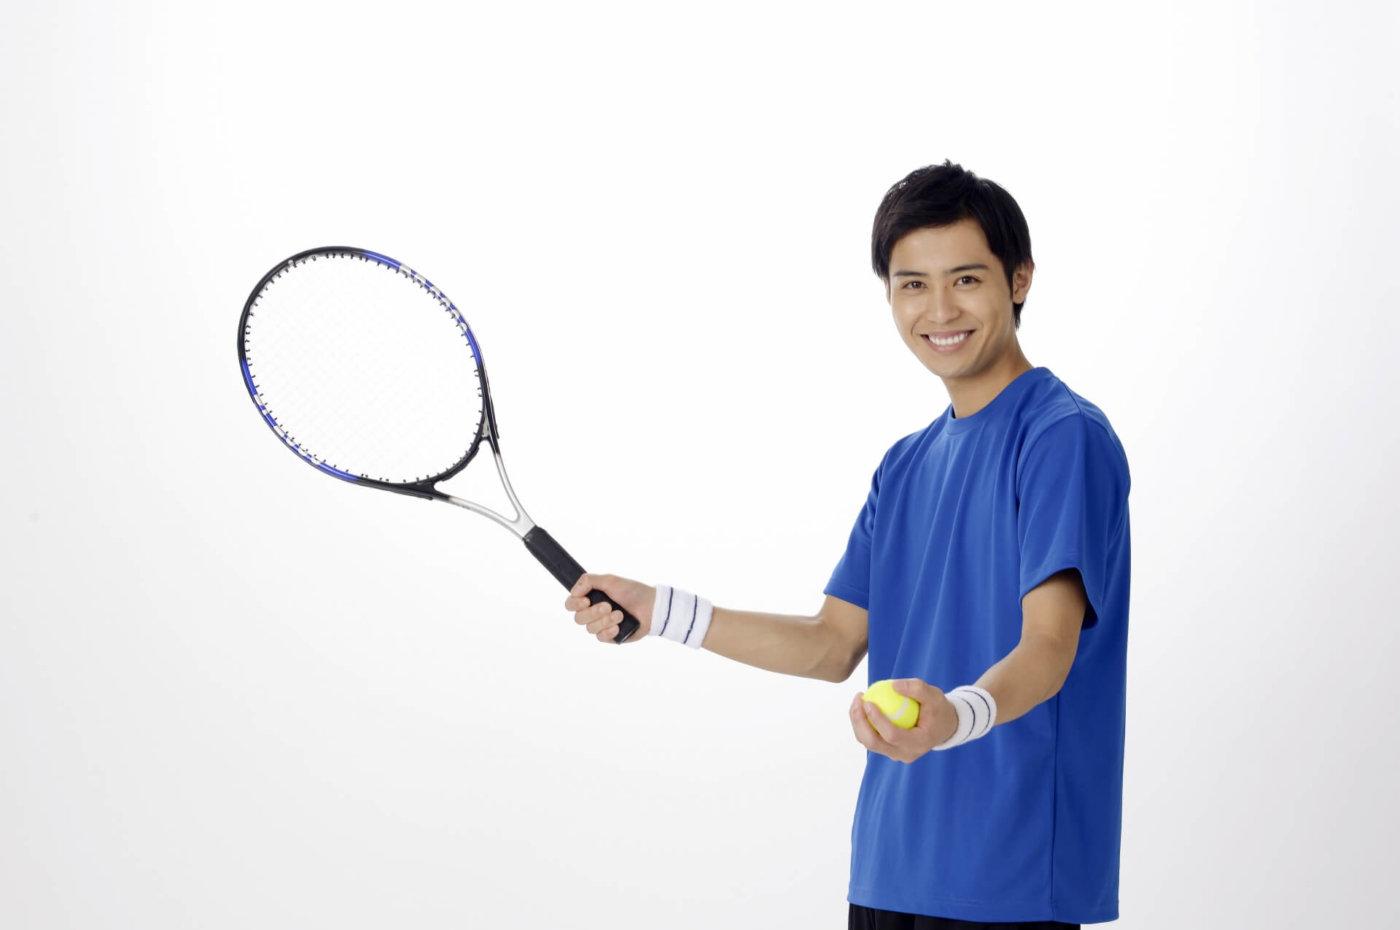 ストローク上手はテニス上手!コツをおさえよう!